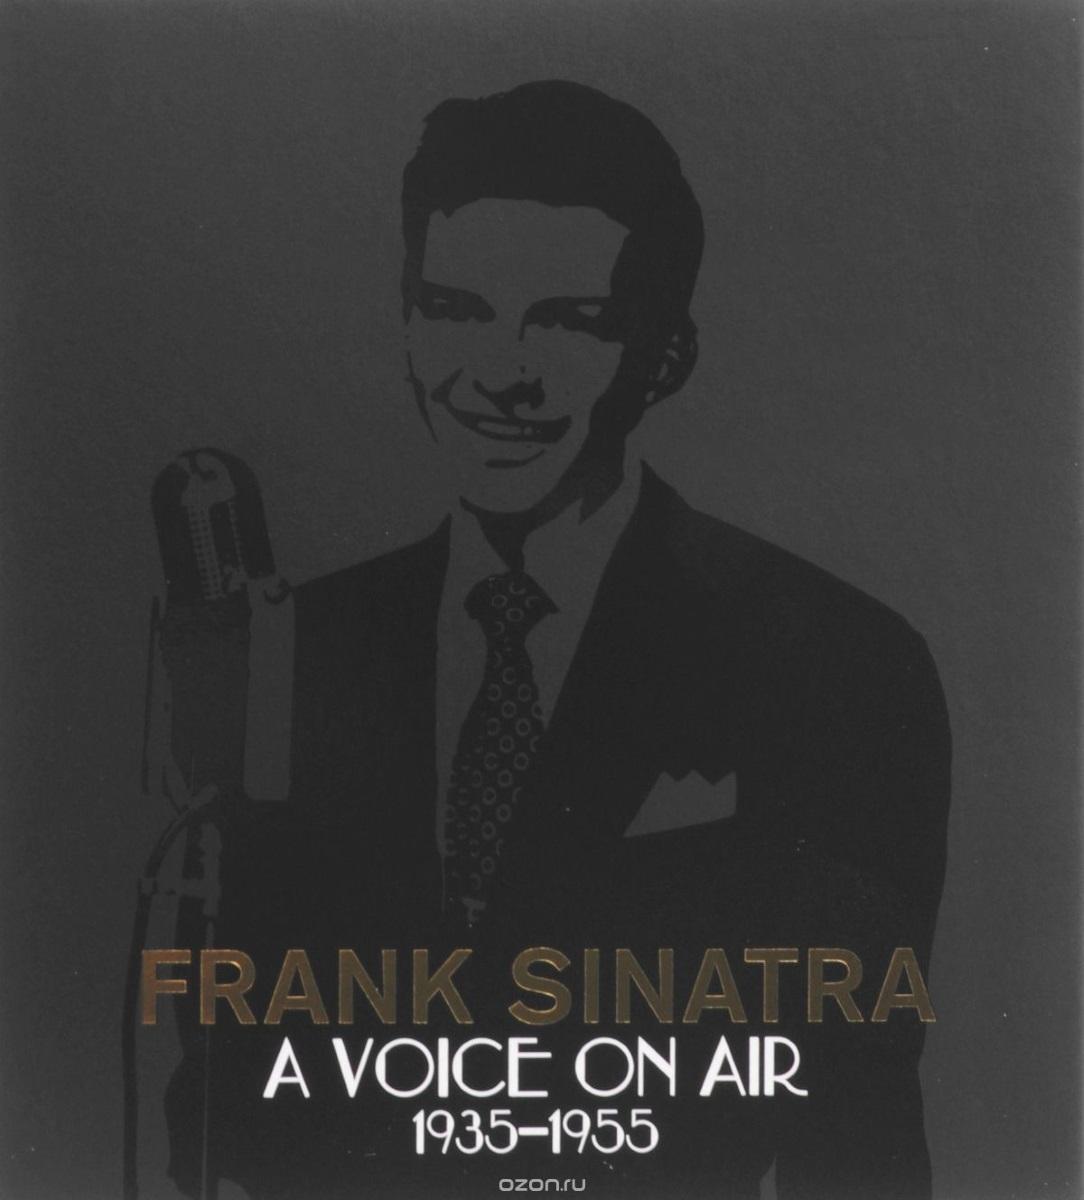 Frank Sinatra – A Voice On Air 1935–1955 (4 CD)Сборник Фрэнка Синатры A Voice On Air 1935–1955 включает записи из бесценной коллекции редких радиопередач и репетиций, безукоризненно восстановленных от оригинальных мастеров записи для беспрецедентного звука высокой четкости.<br>